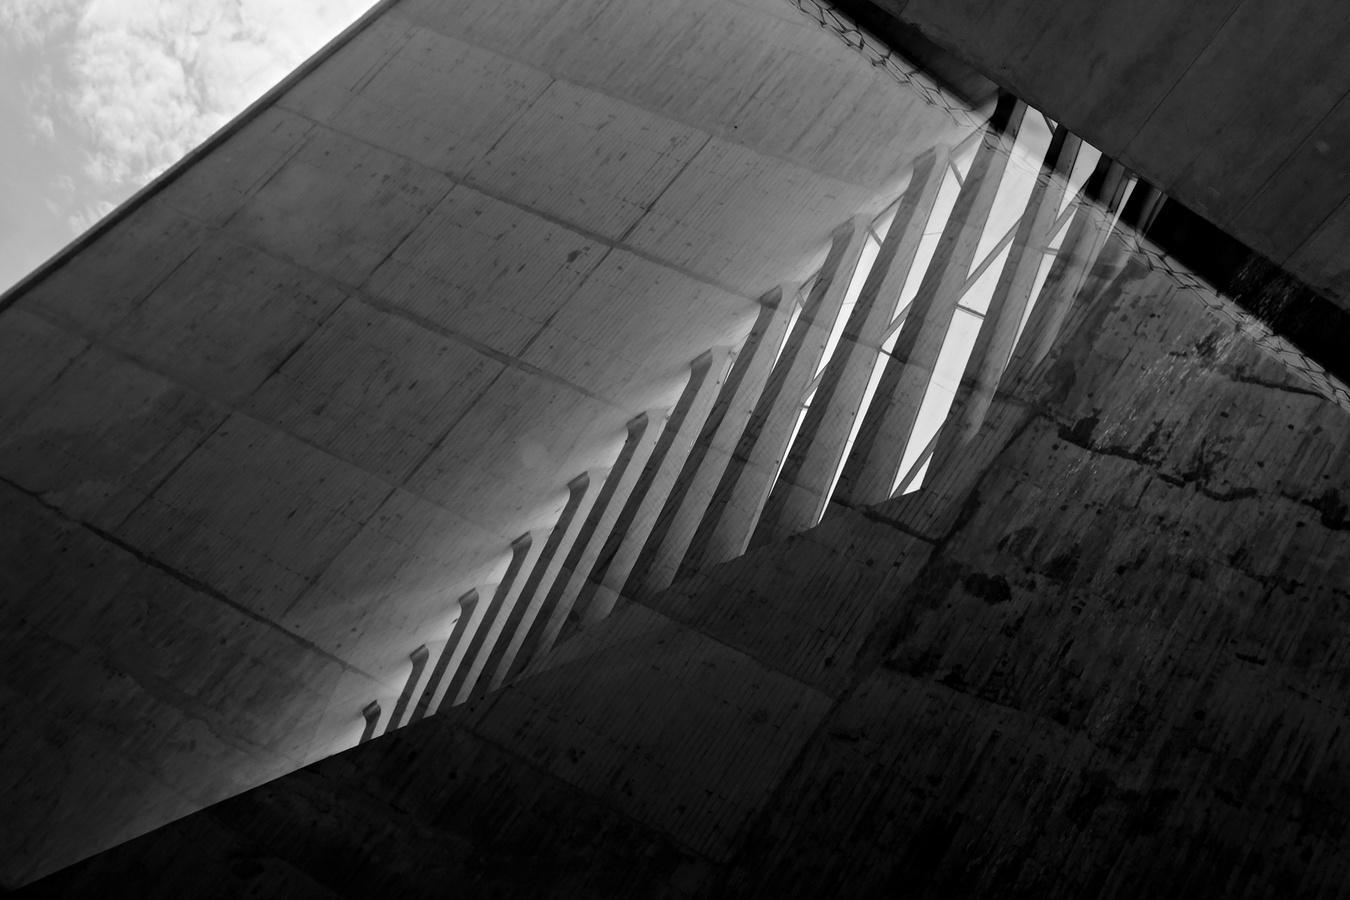 Architektonická abstrakce